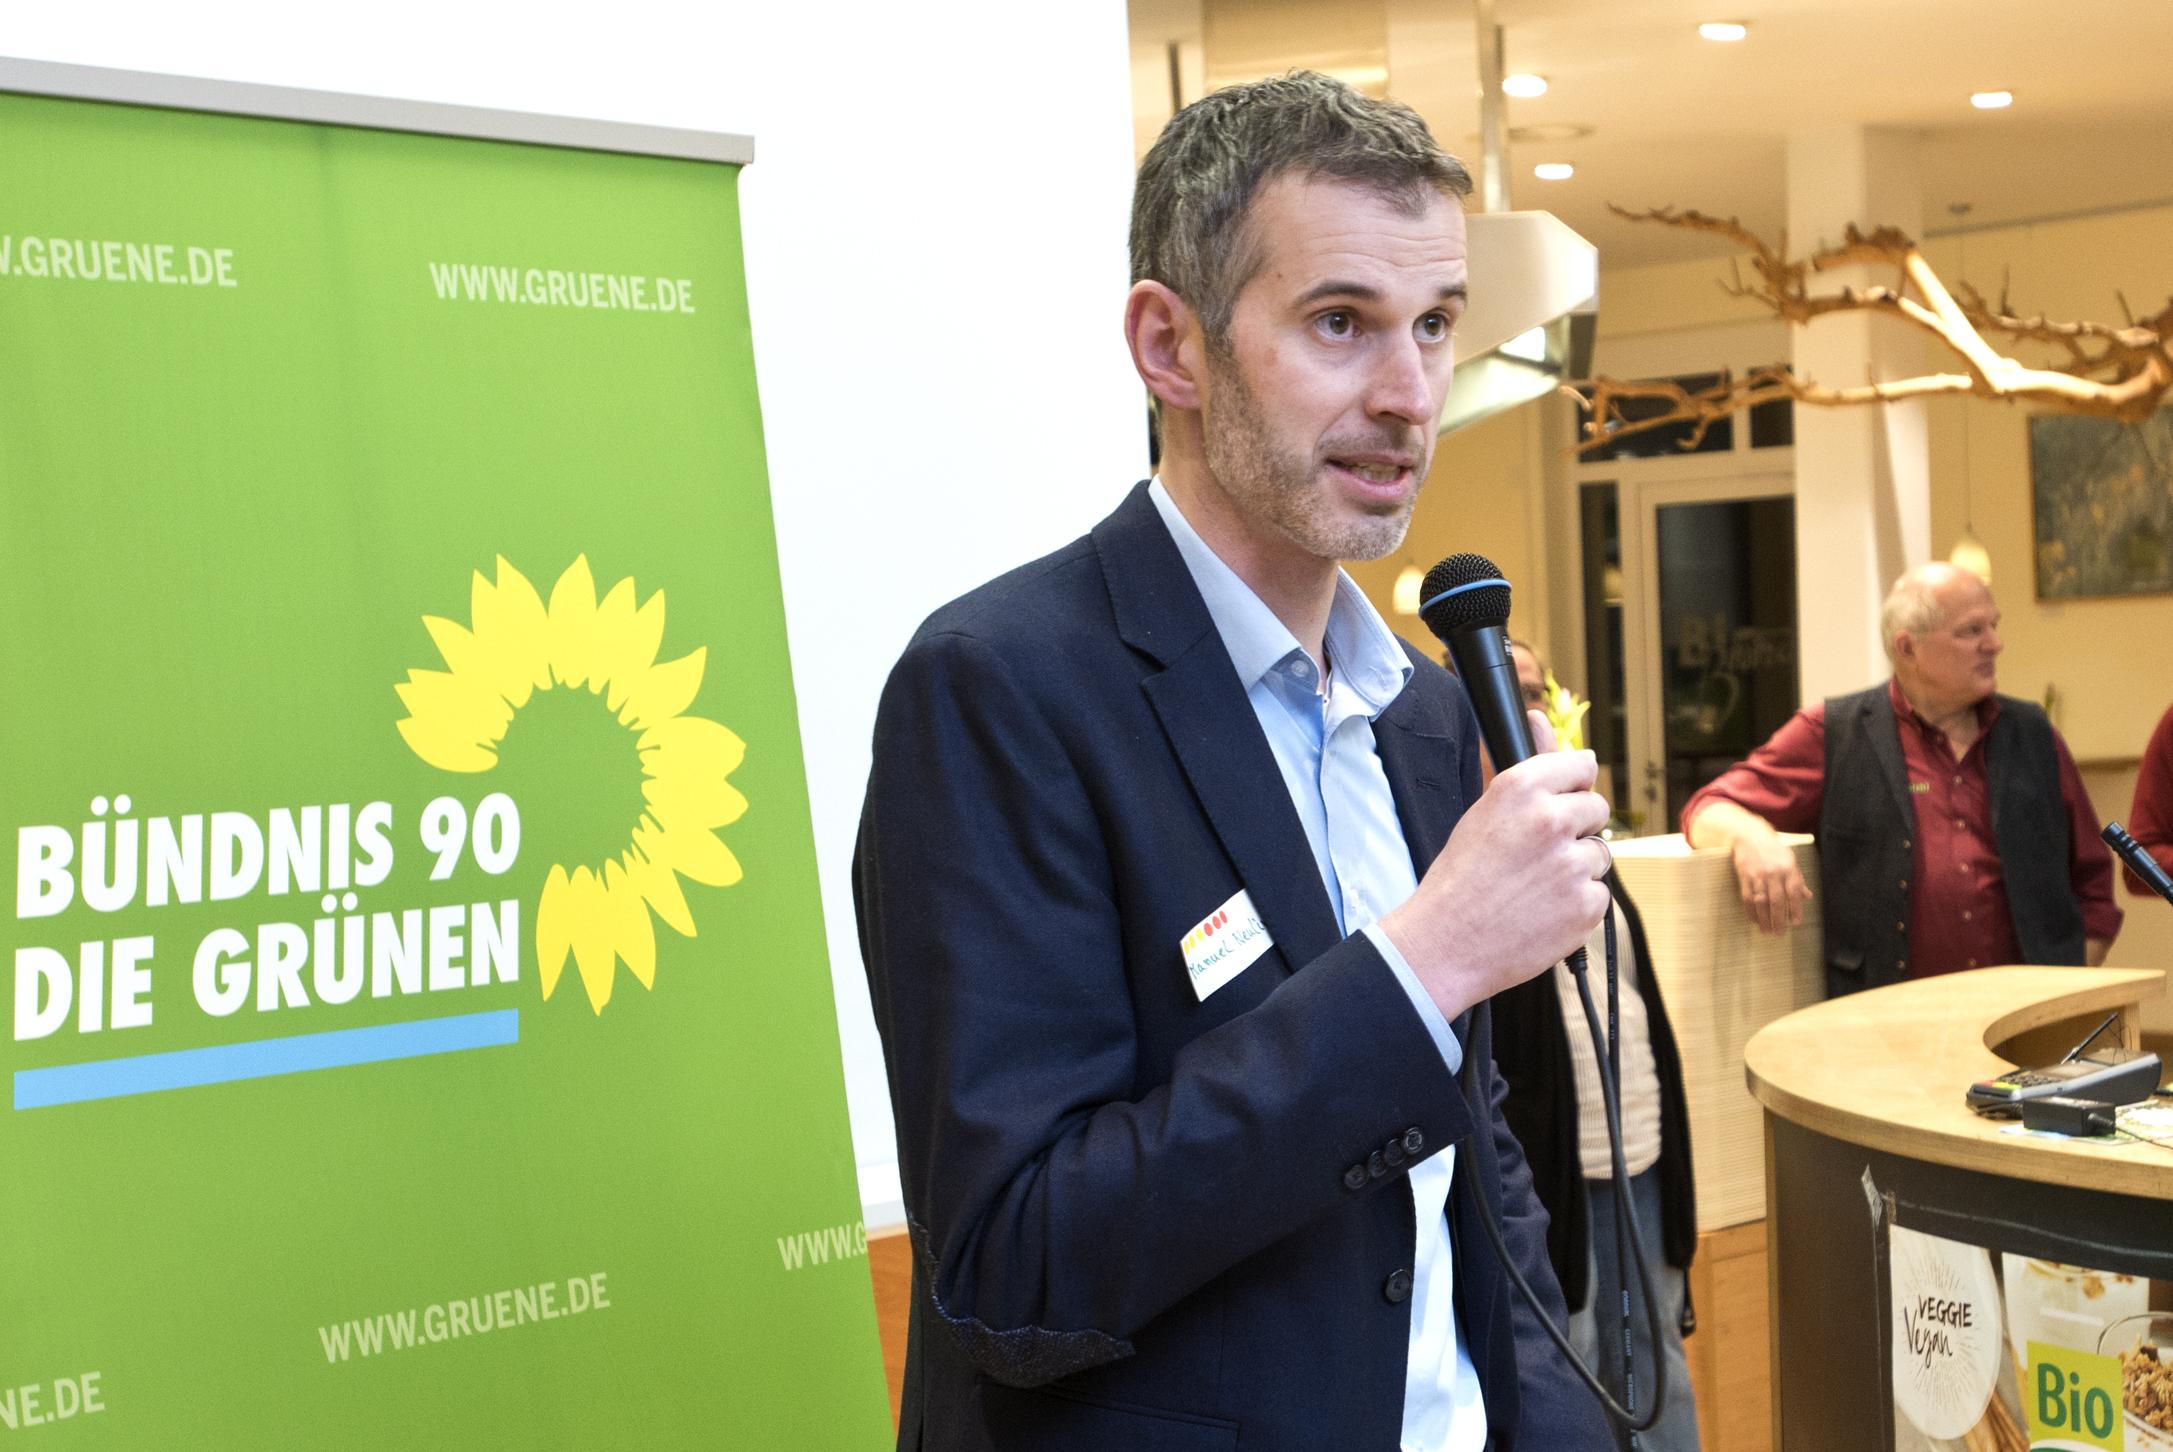 Rede zum Neujahrsempfang der Grünen